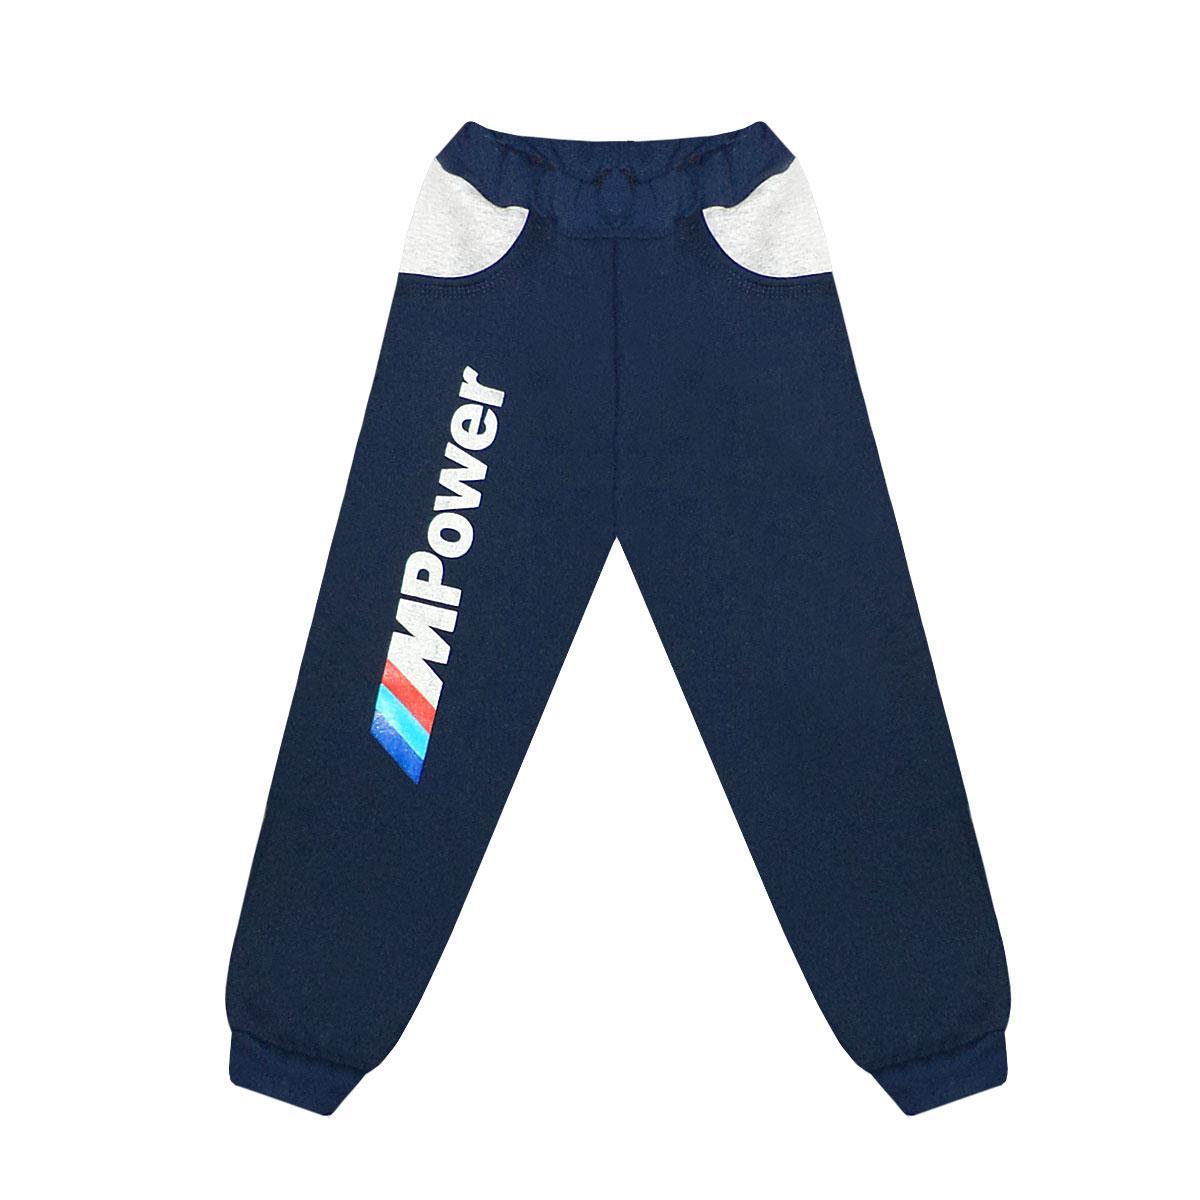 Тёплые спортивные штаны для мальчика трехнитка